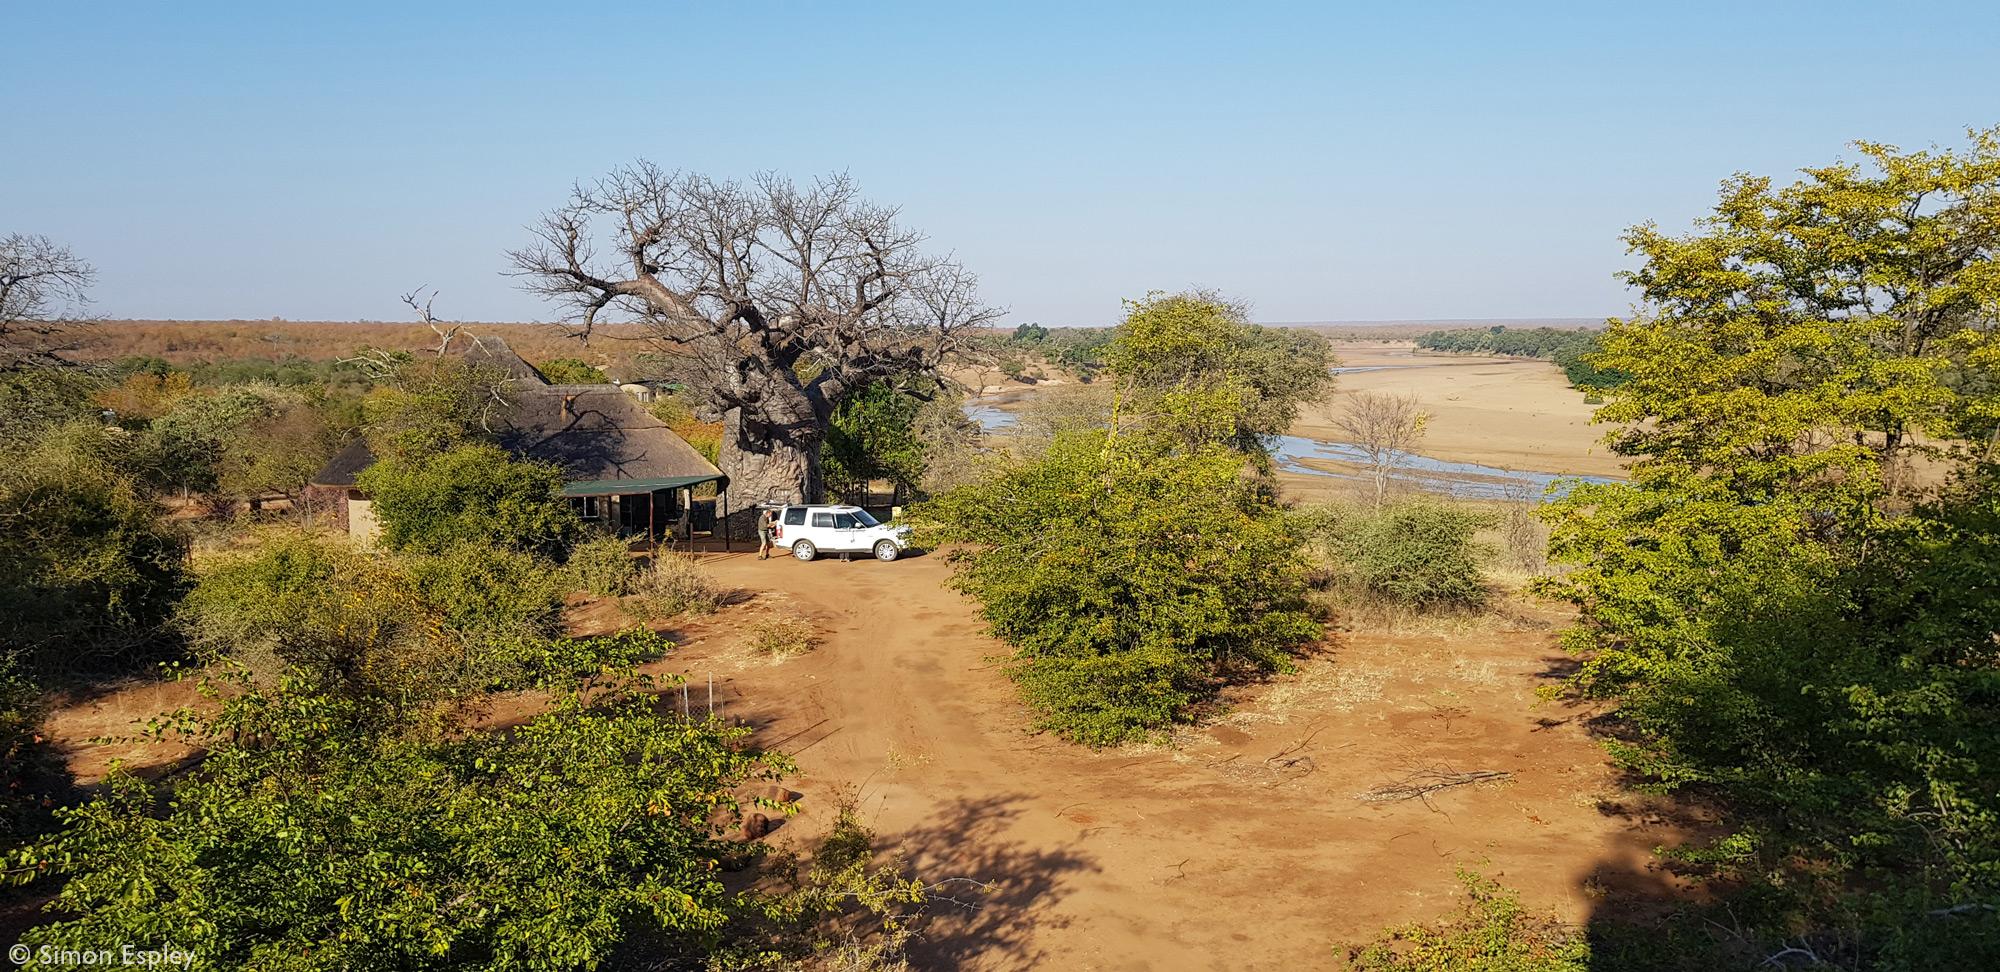 Accommodation at Swimuwini, Zimbabwe